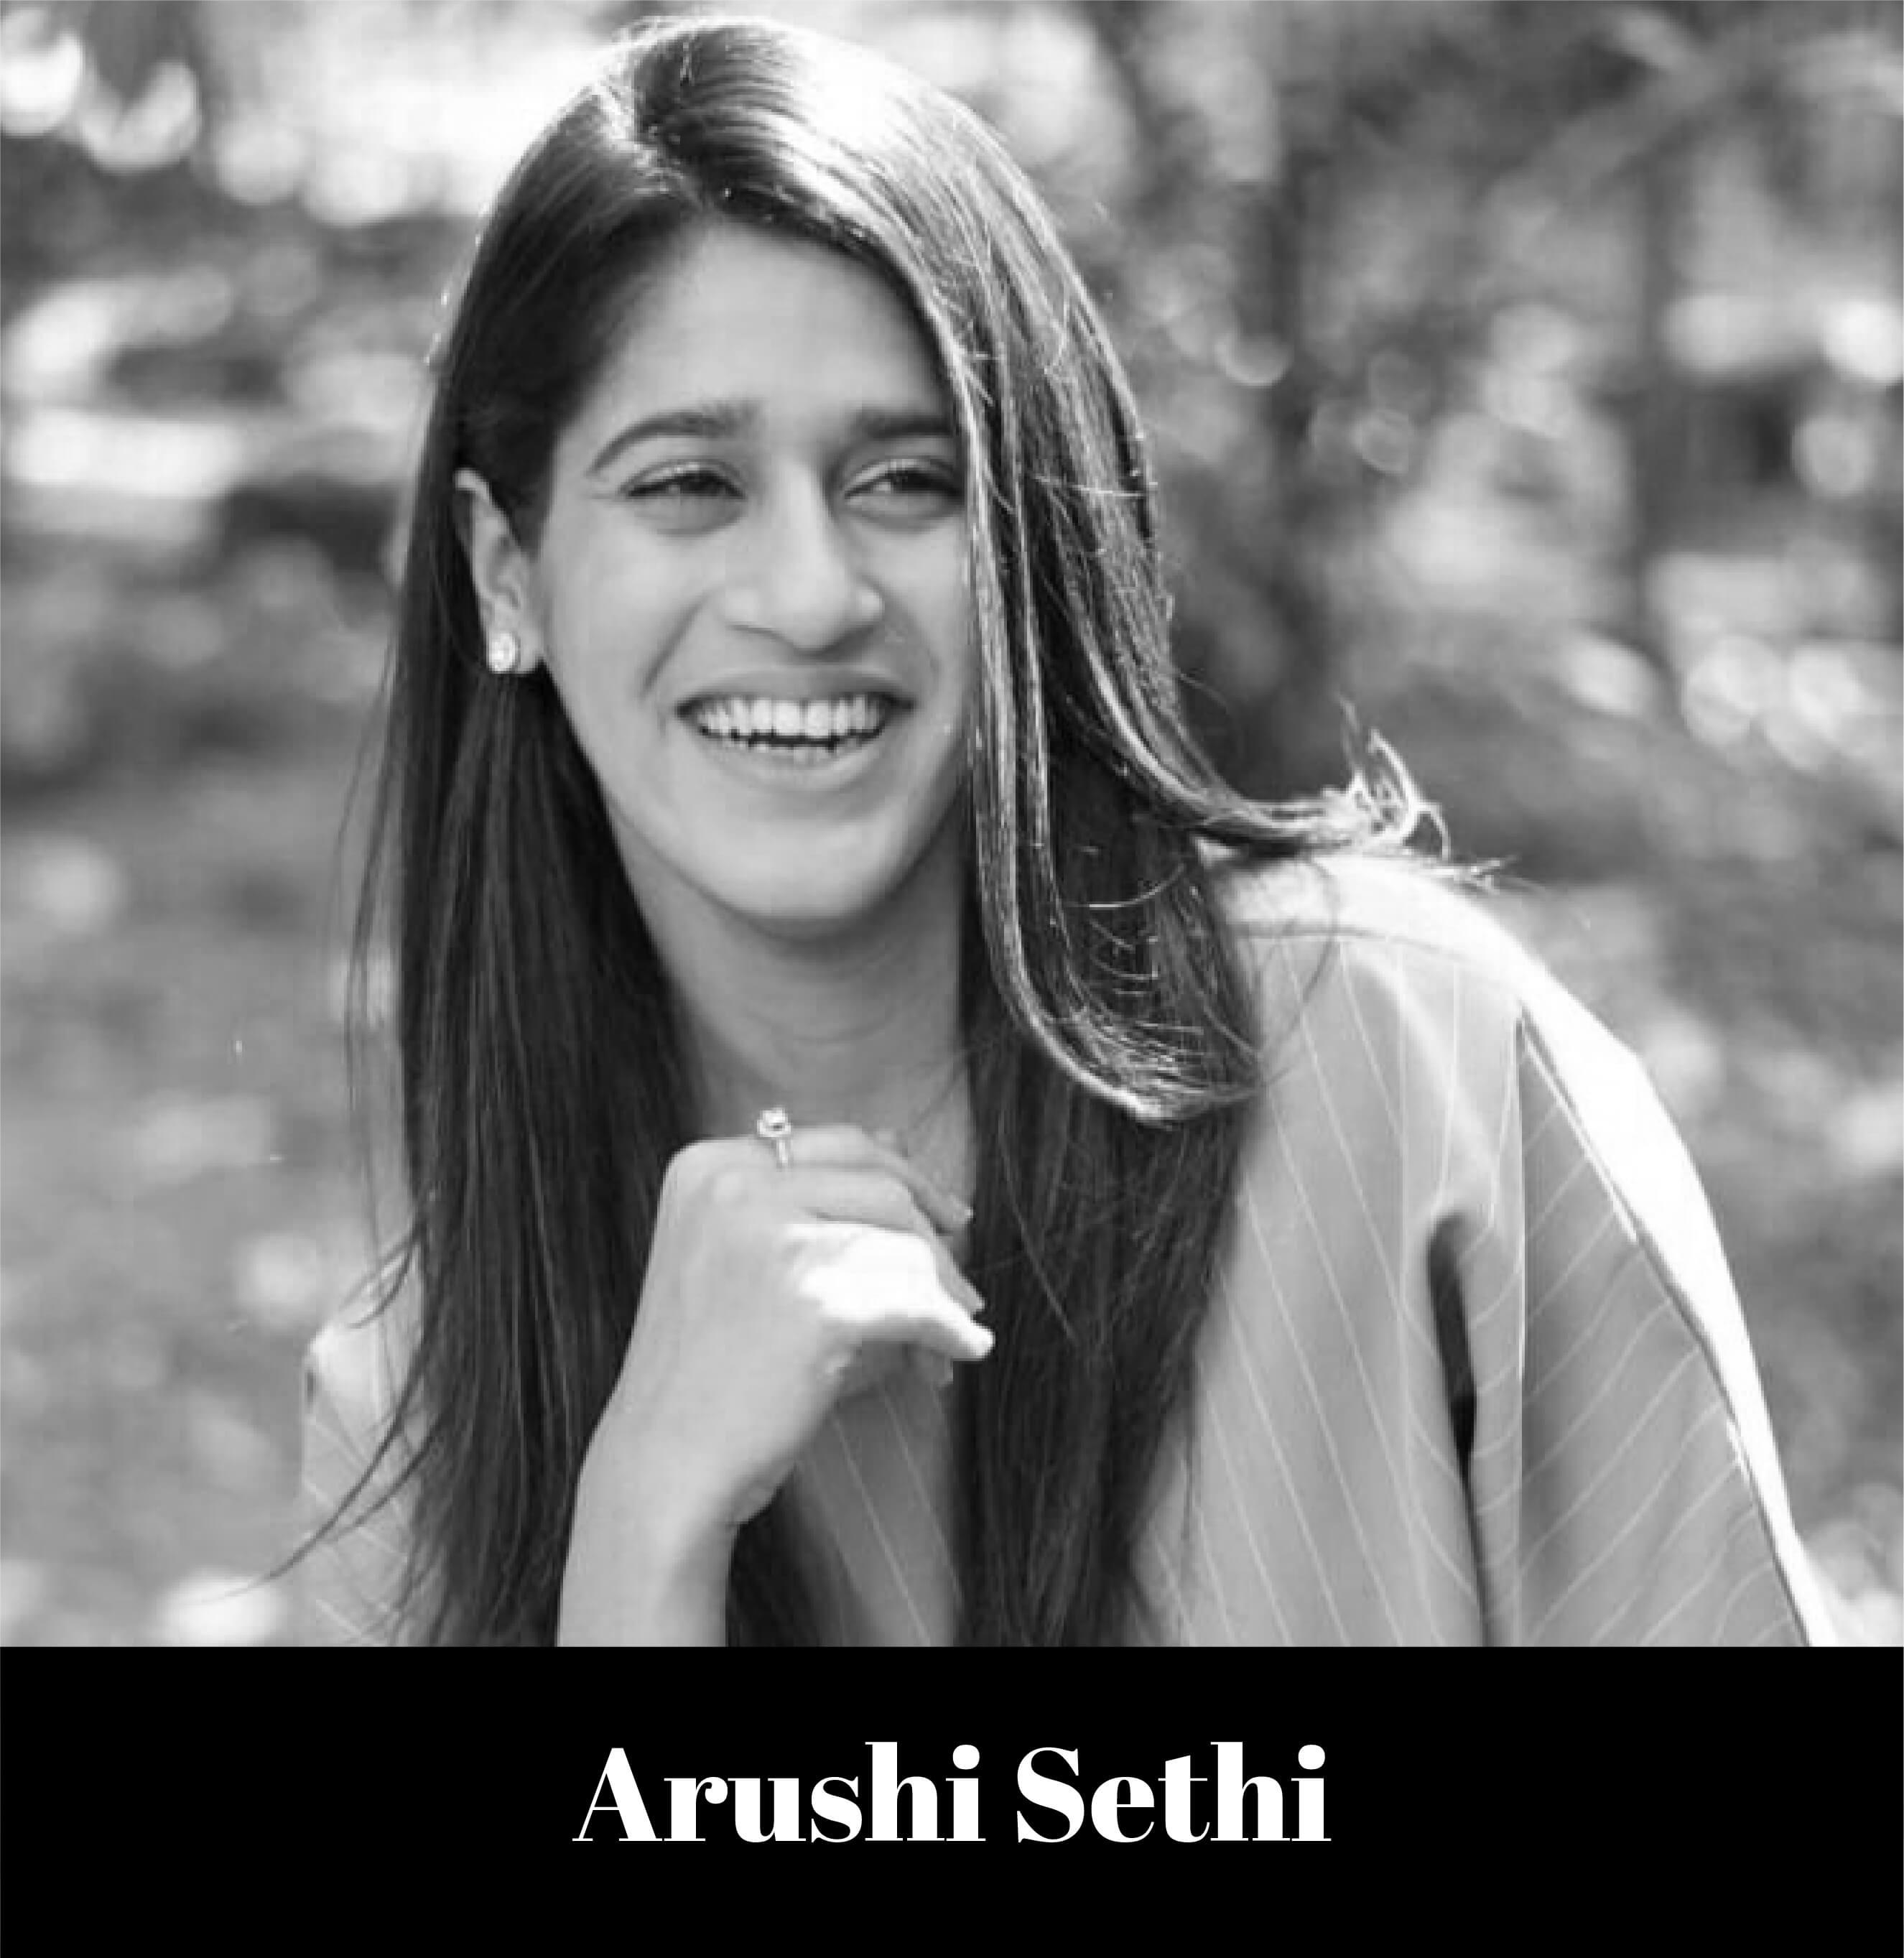 Arushi-Sethi_1.jpg